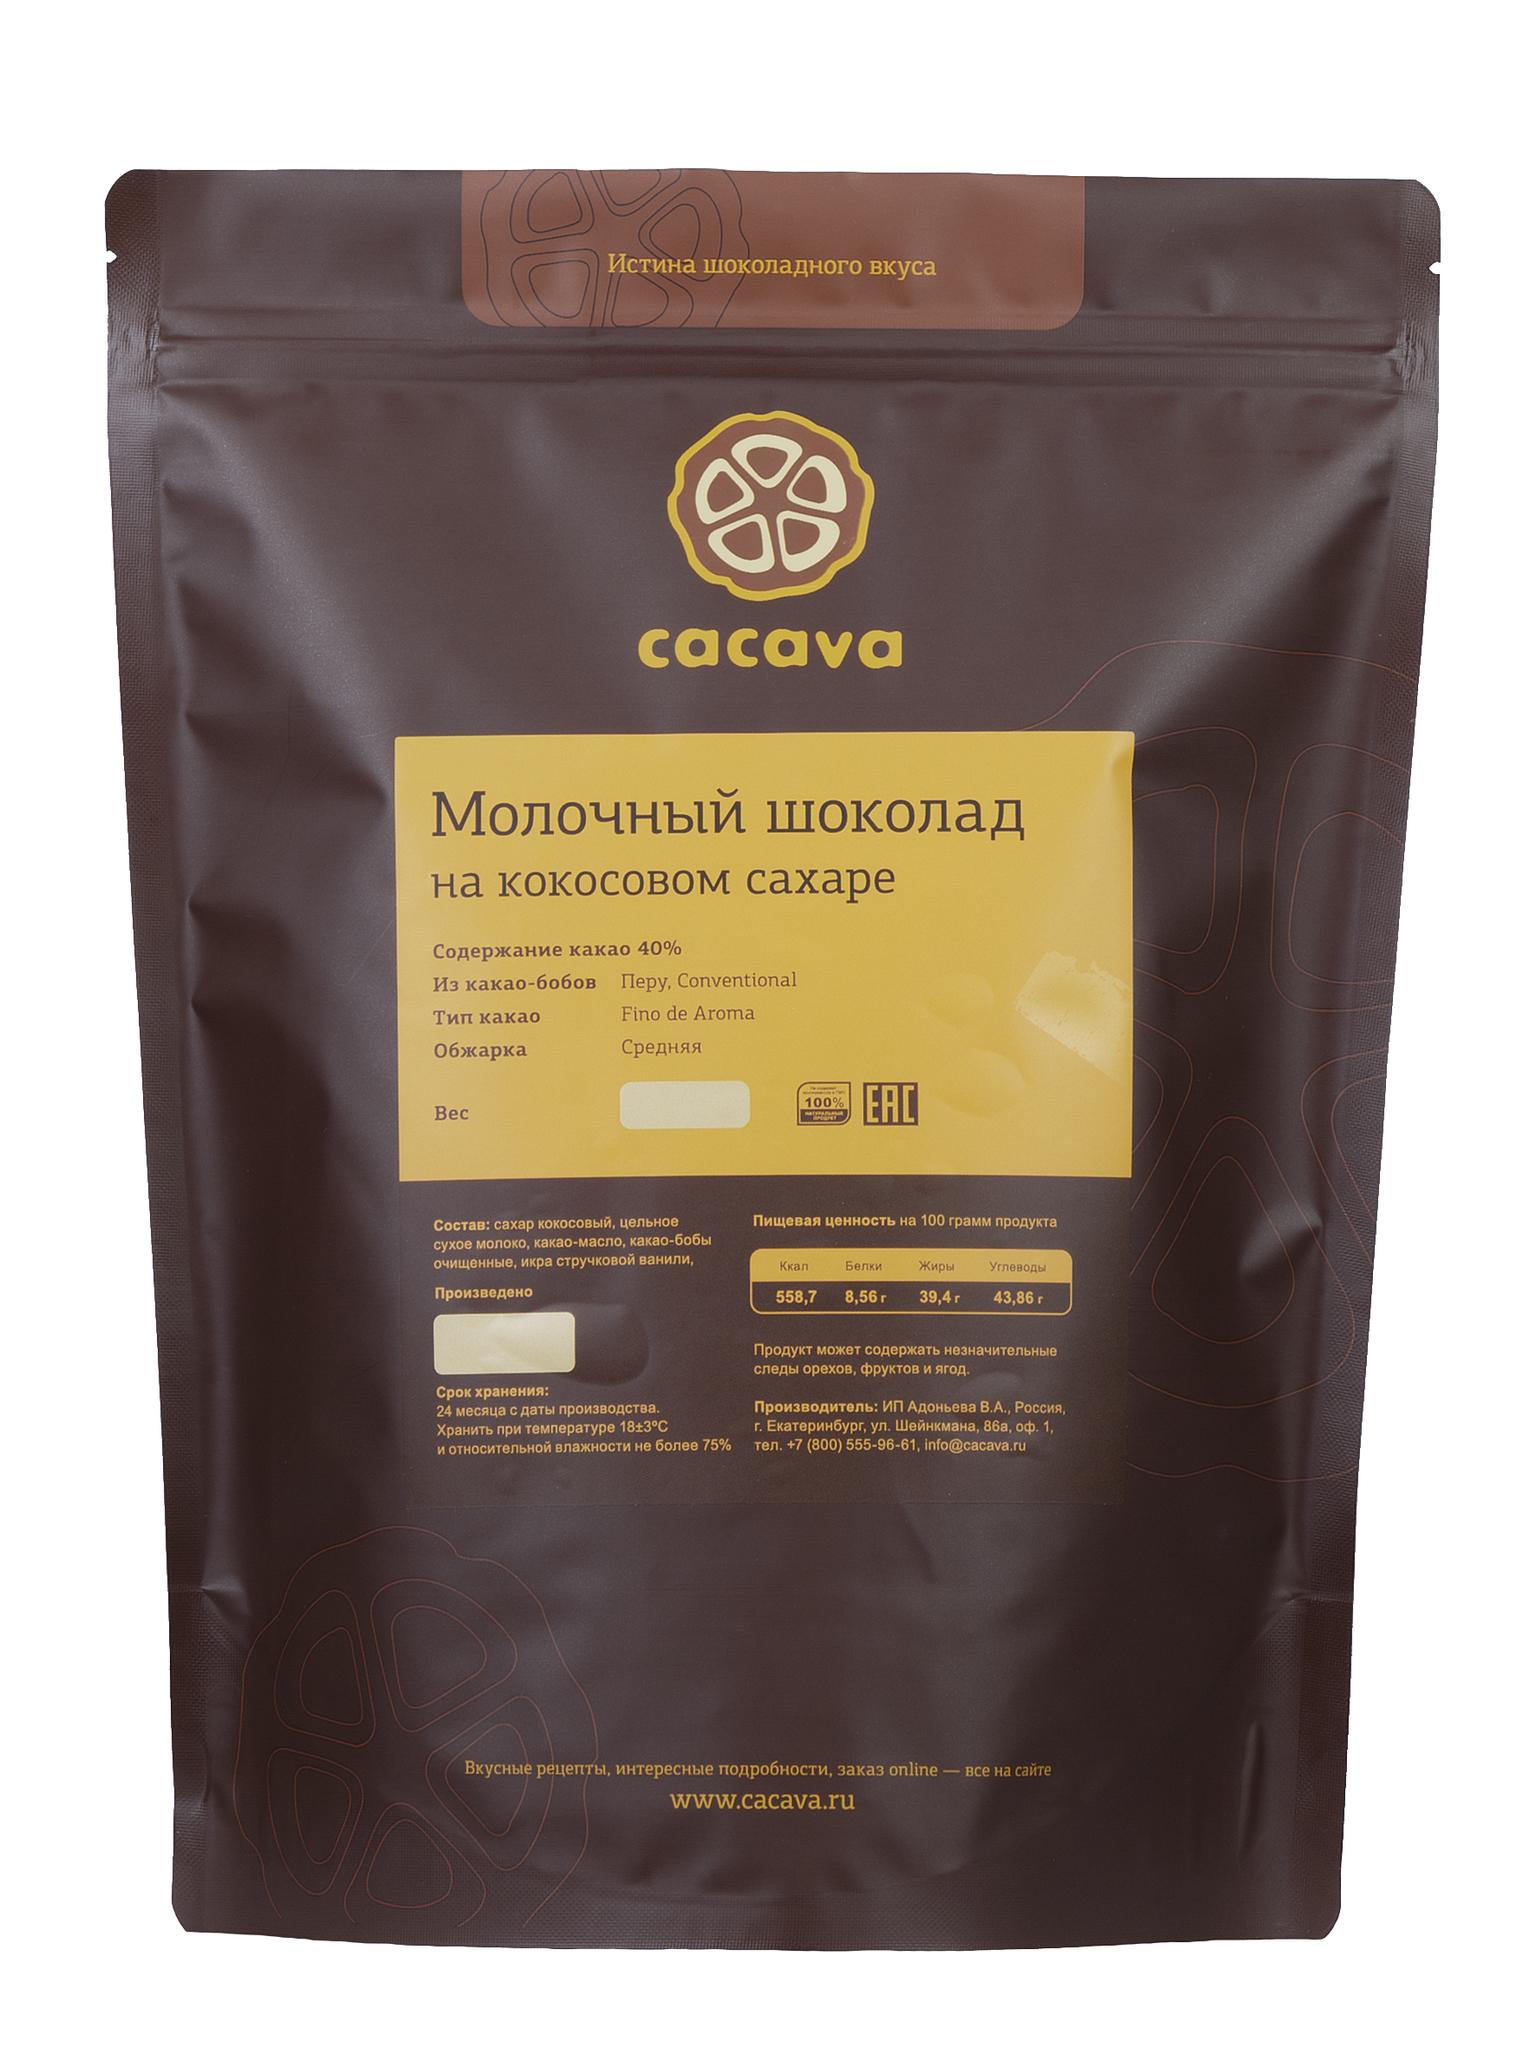 Молочный шоколад на кокосовом сахаре 40 % какао (Перу, Conventional), упаковка 1 кг